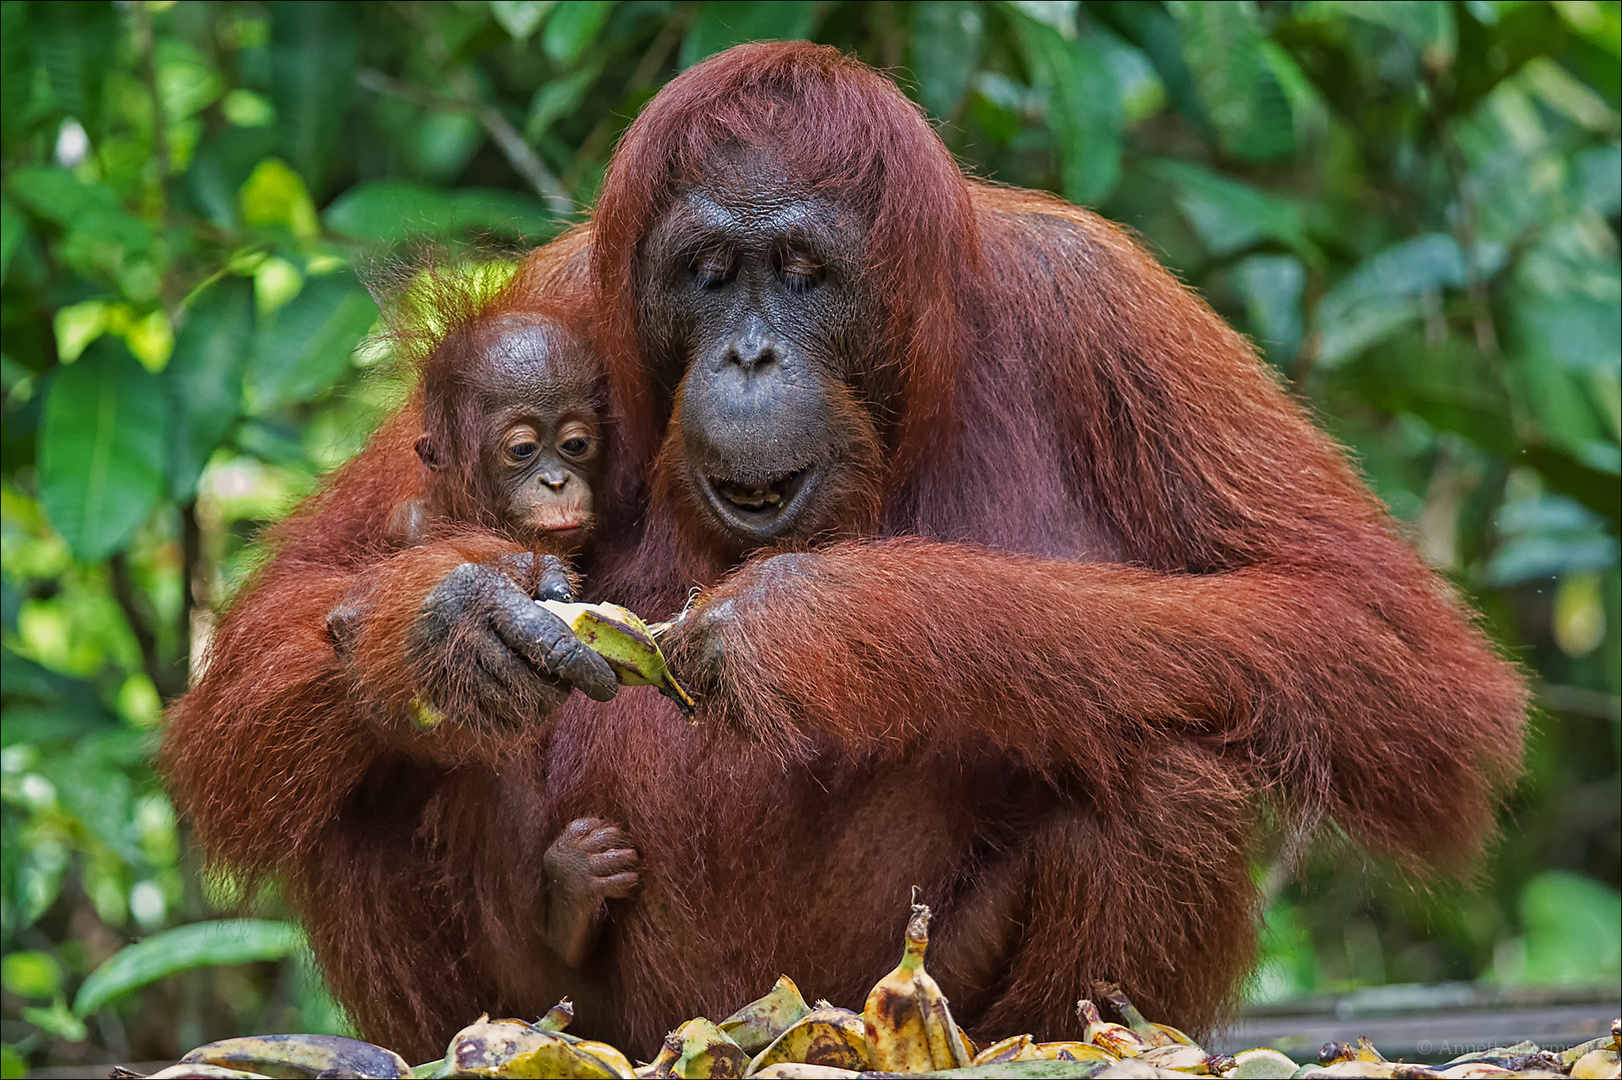 Indonesien [23] - Die Banane